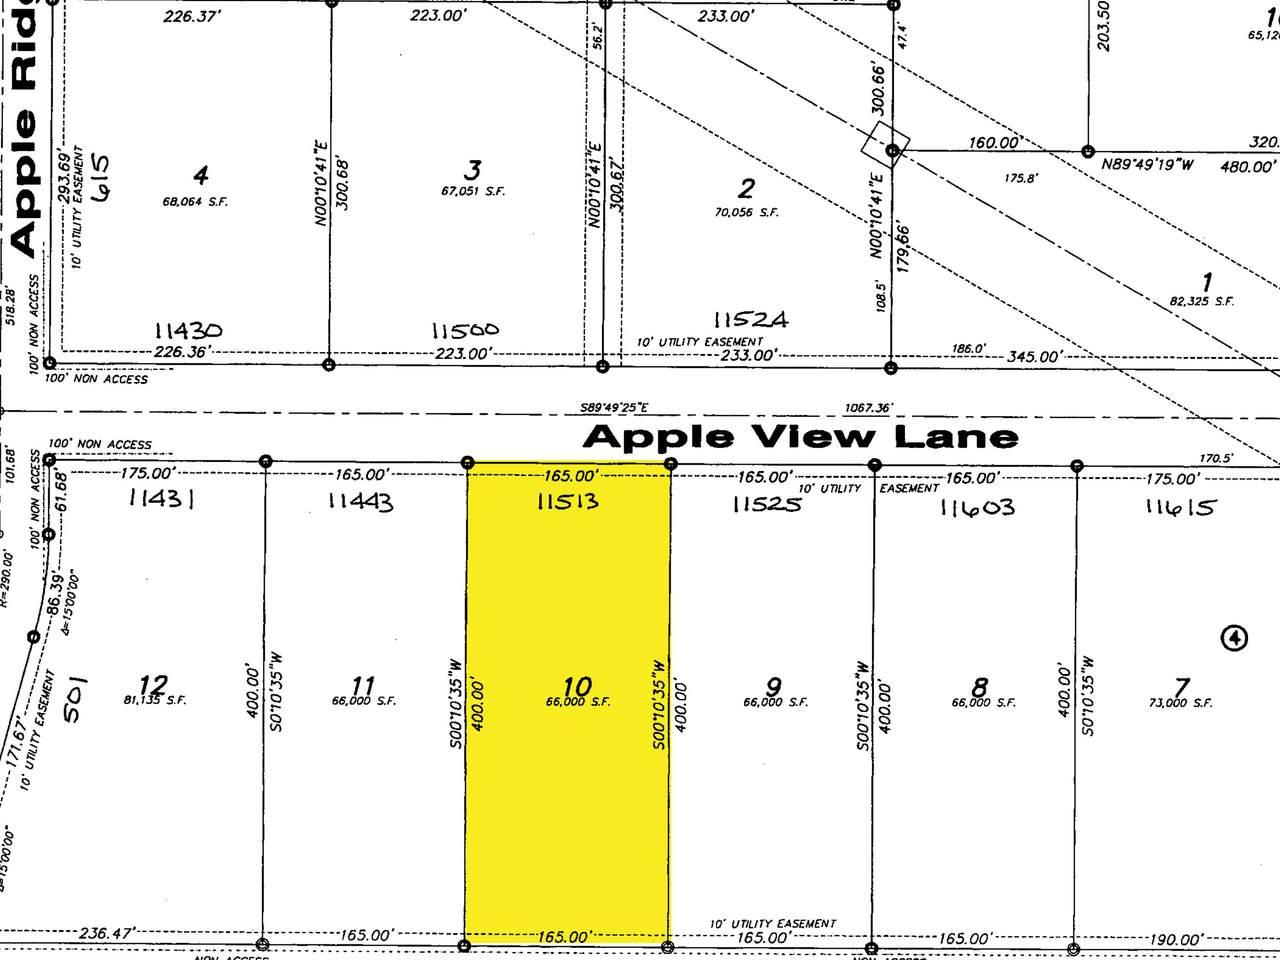 11513 Apple View Lane - Photo 1